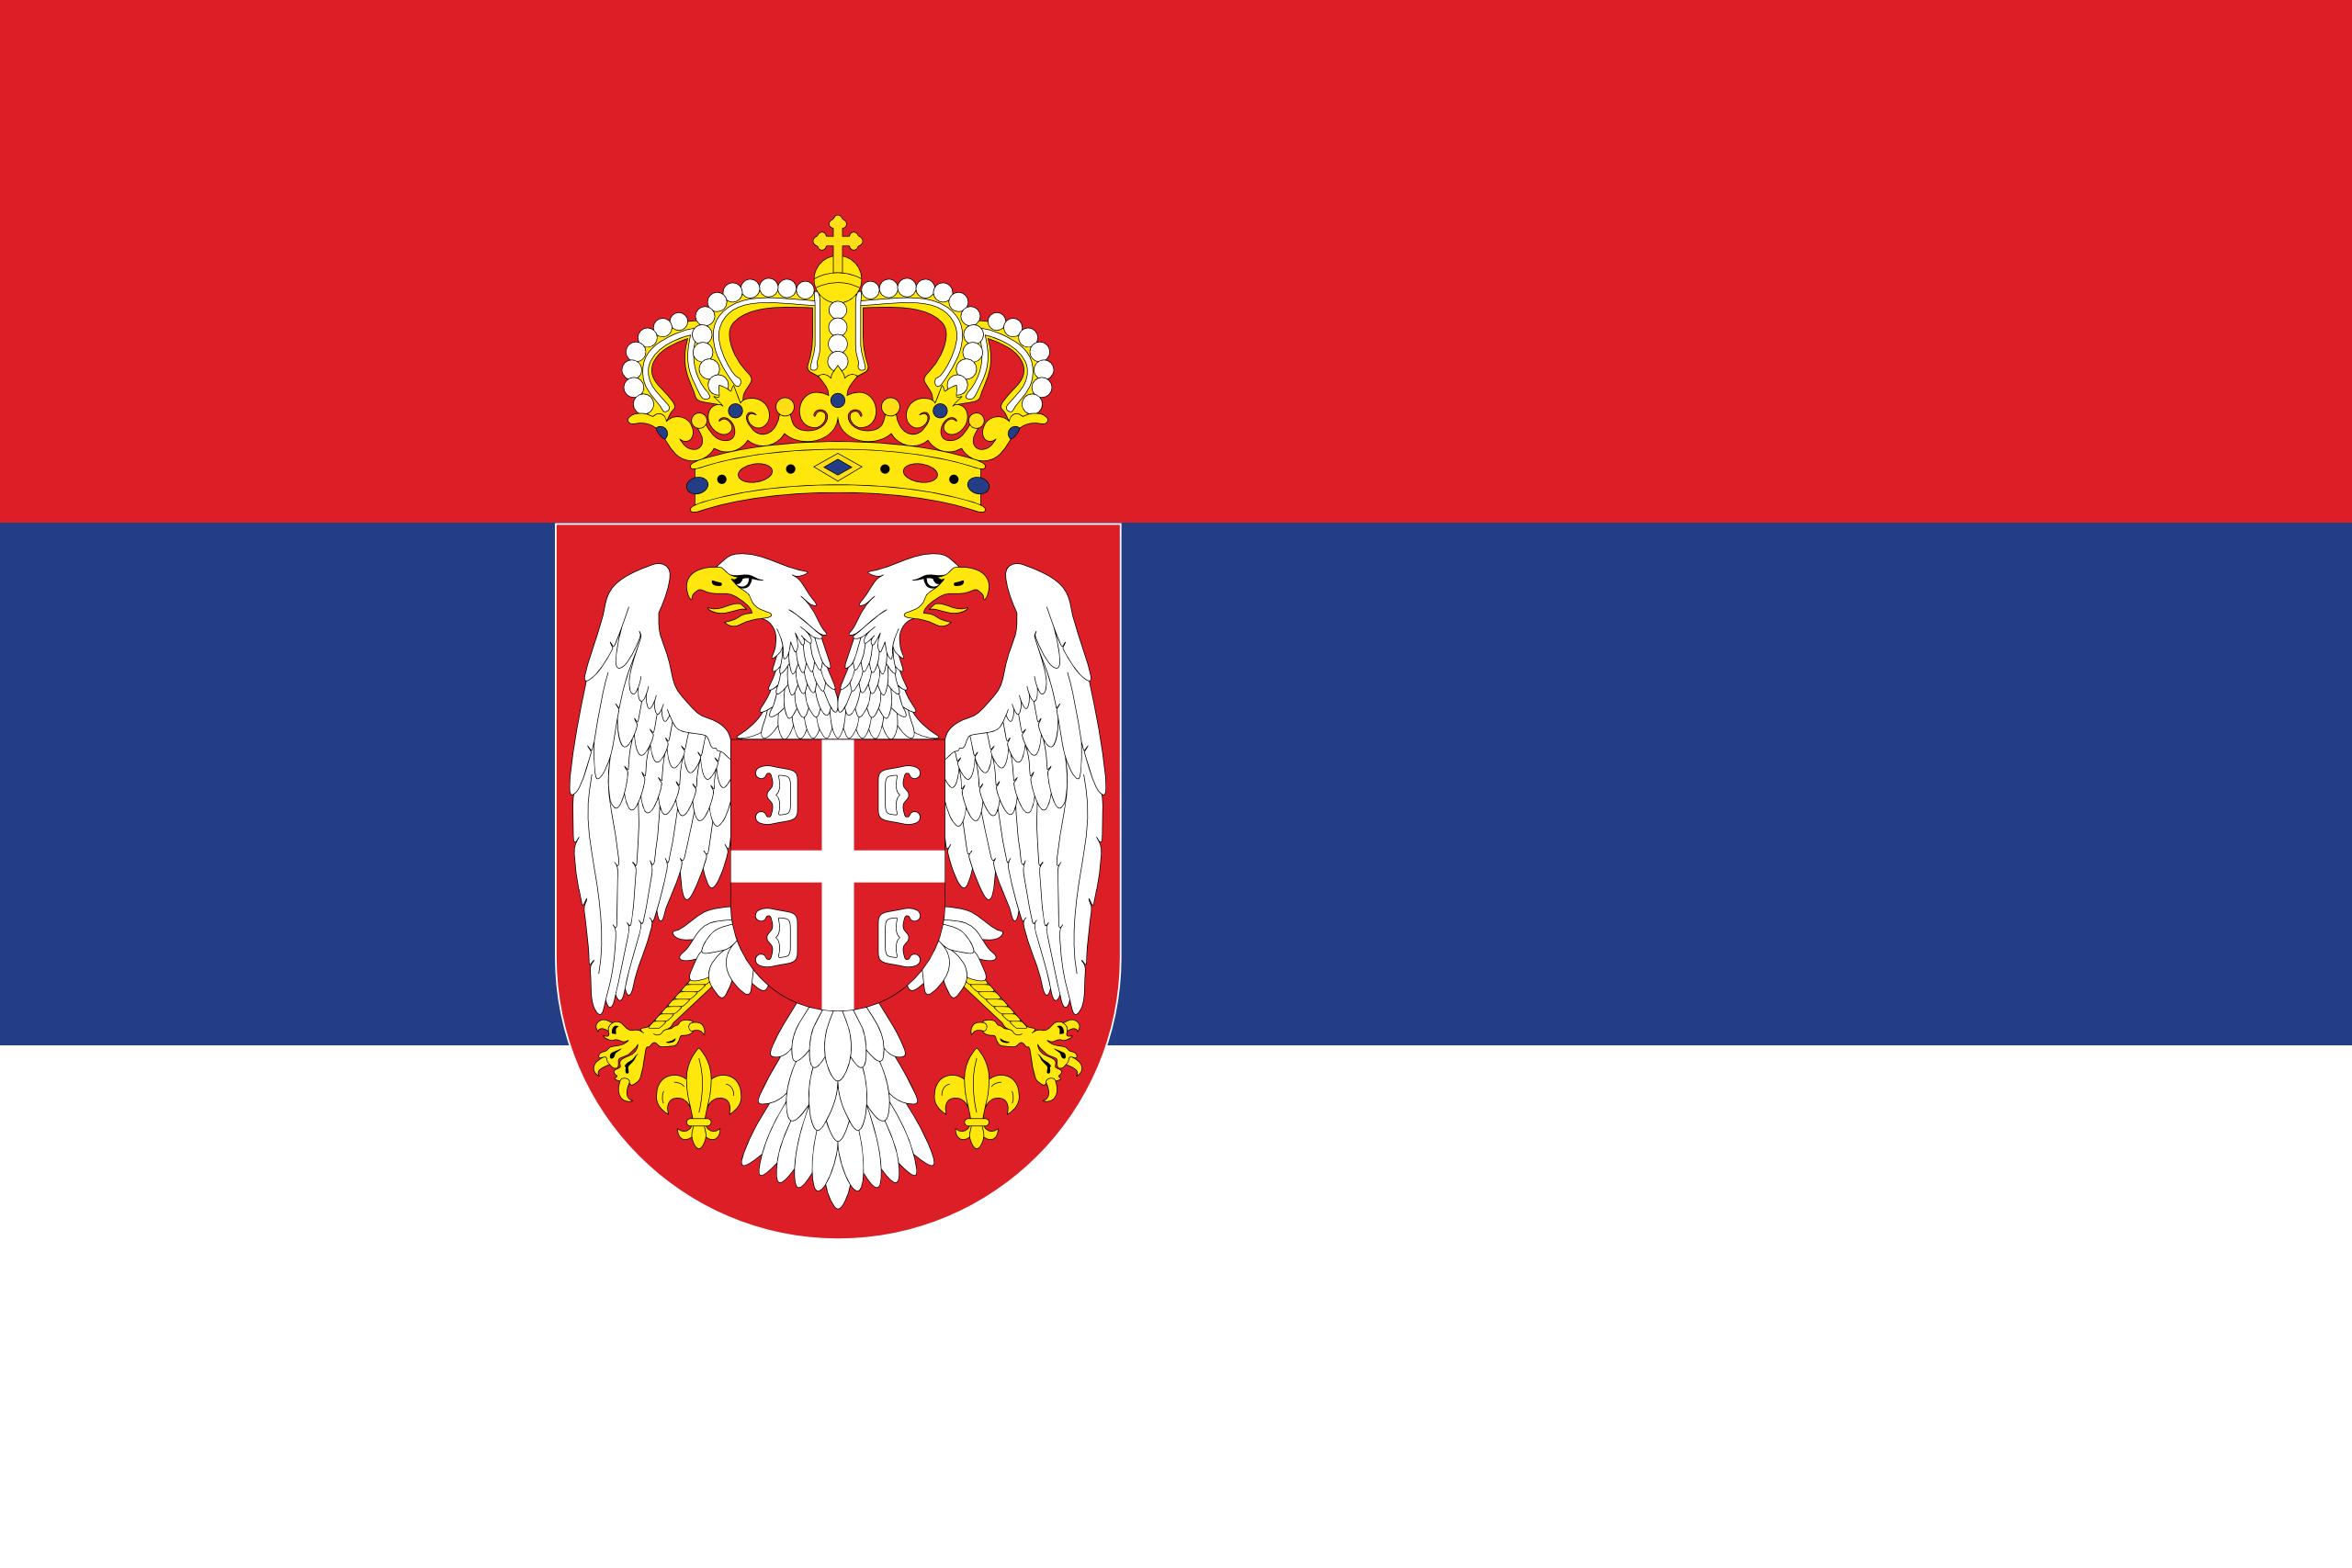 serbia, χώρα, έμβλημα, λογότυπο, σύμβολο - Wallpapers HD - Professor-falken.com